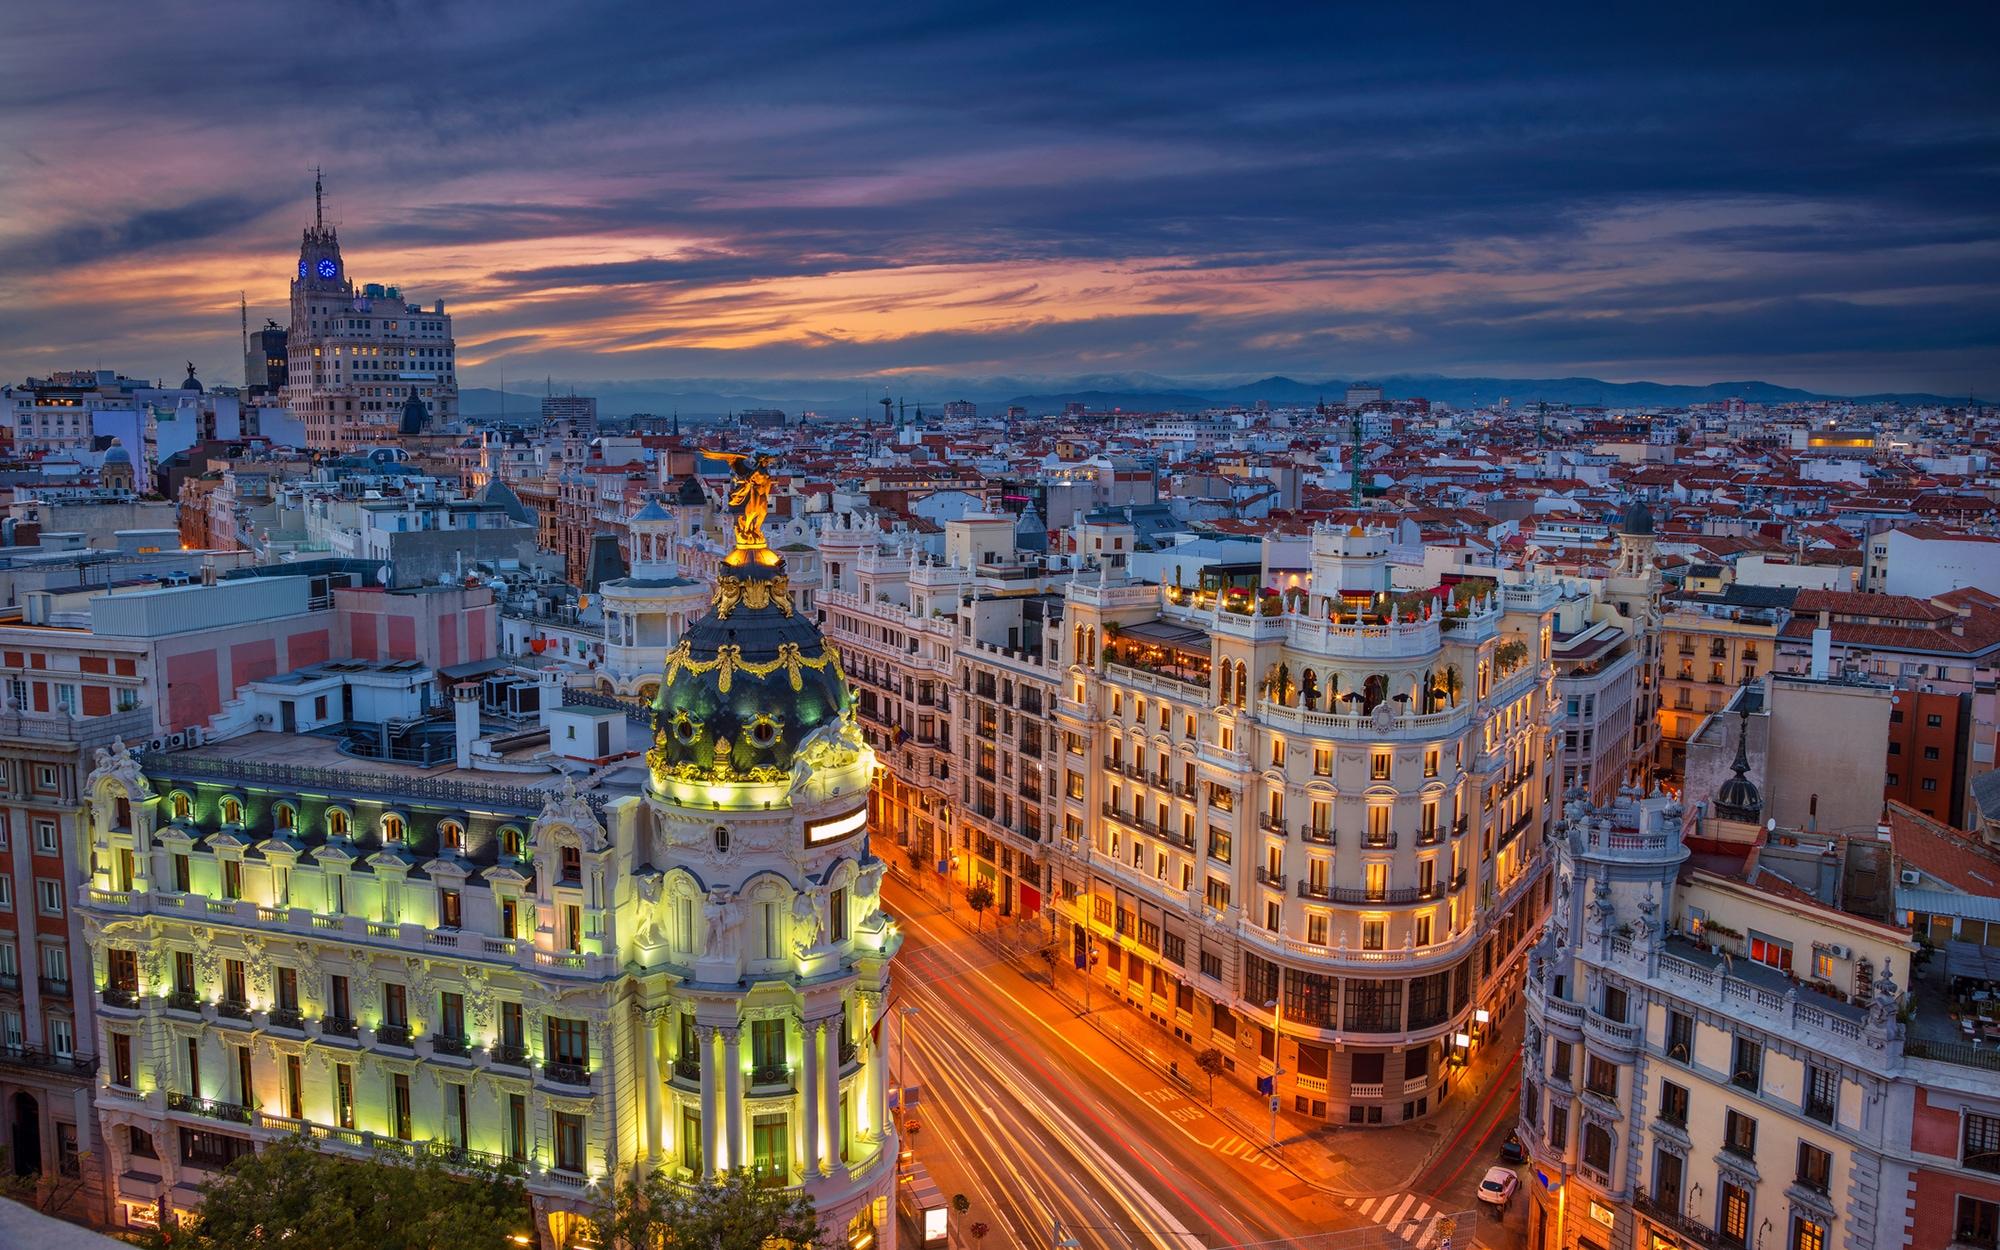 أجمل اماكن التسوق والمطاعم في مدريد